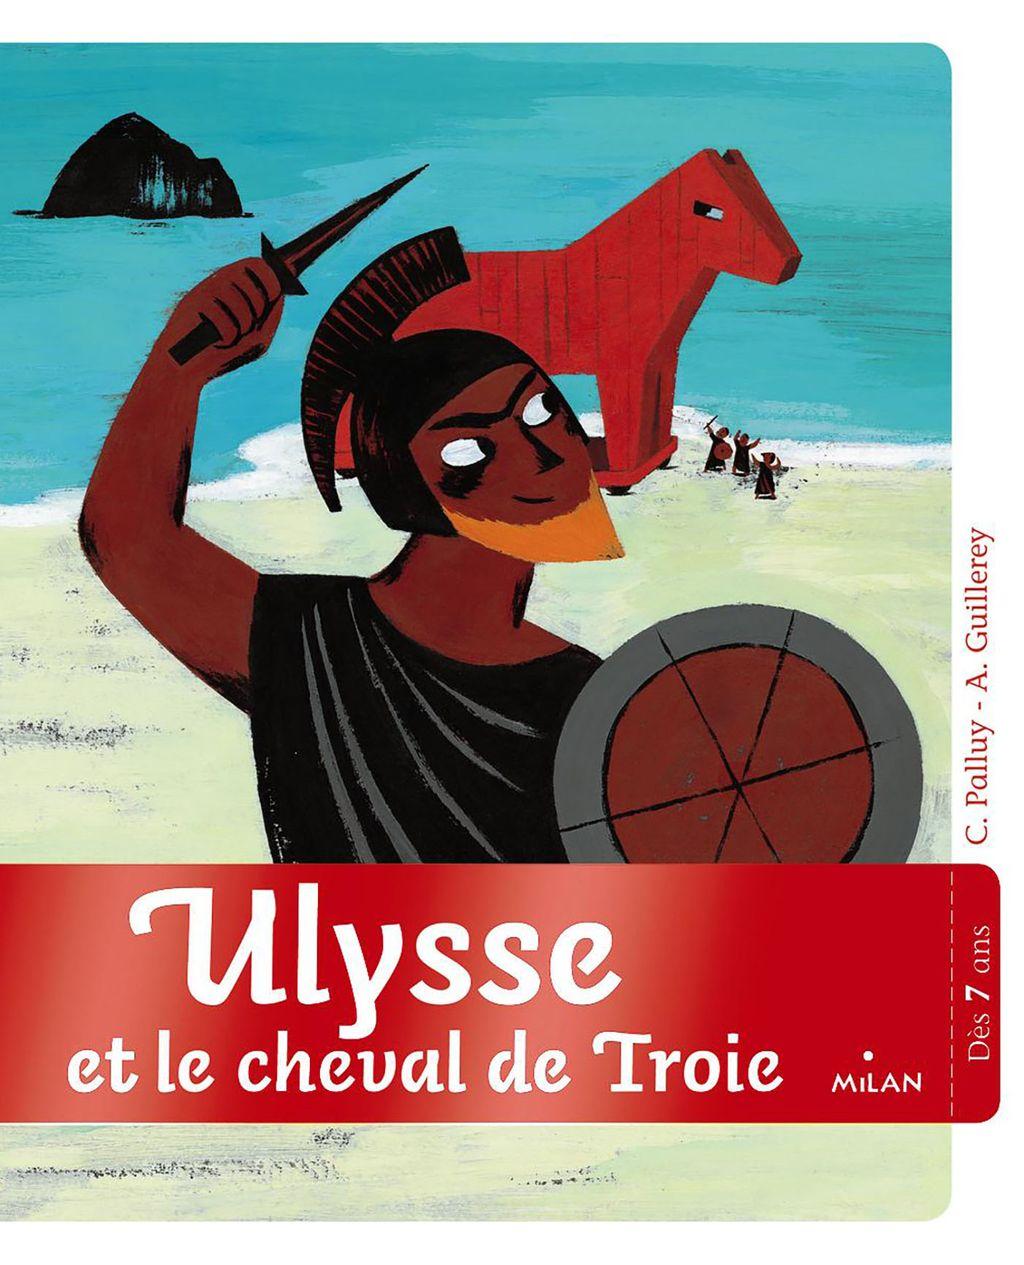 «Ulysse et le cheval de Troie» cover